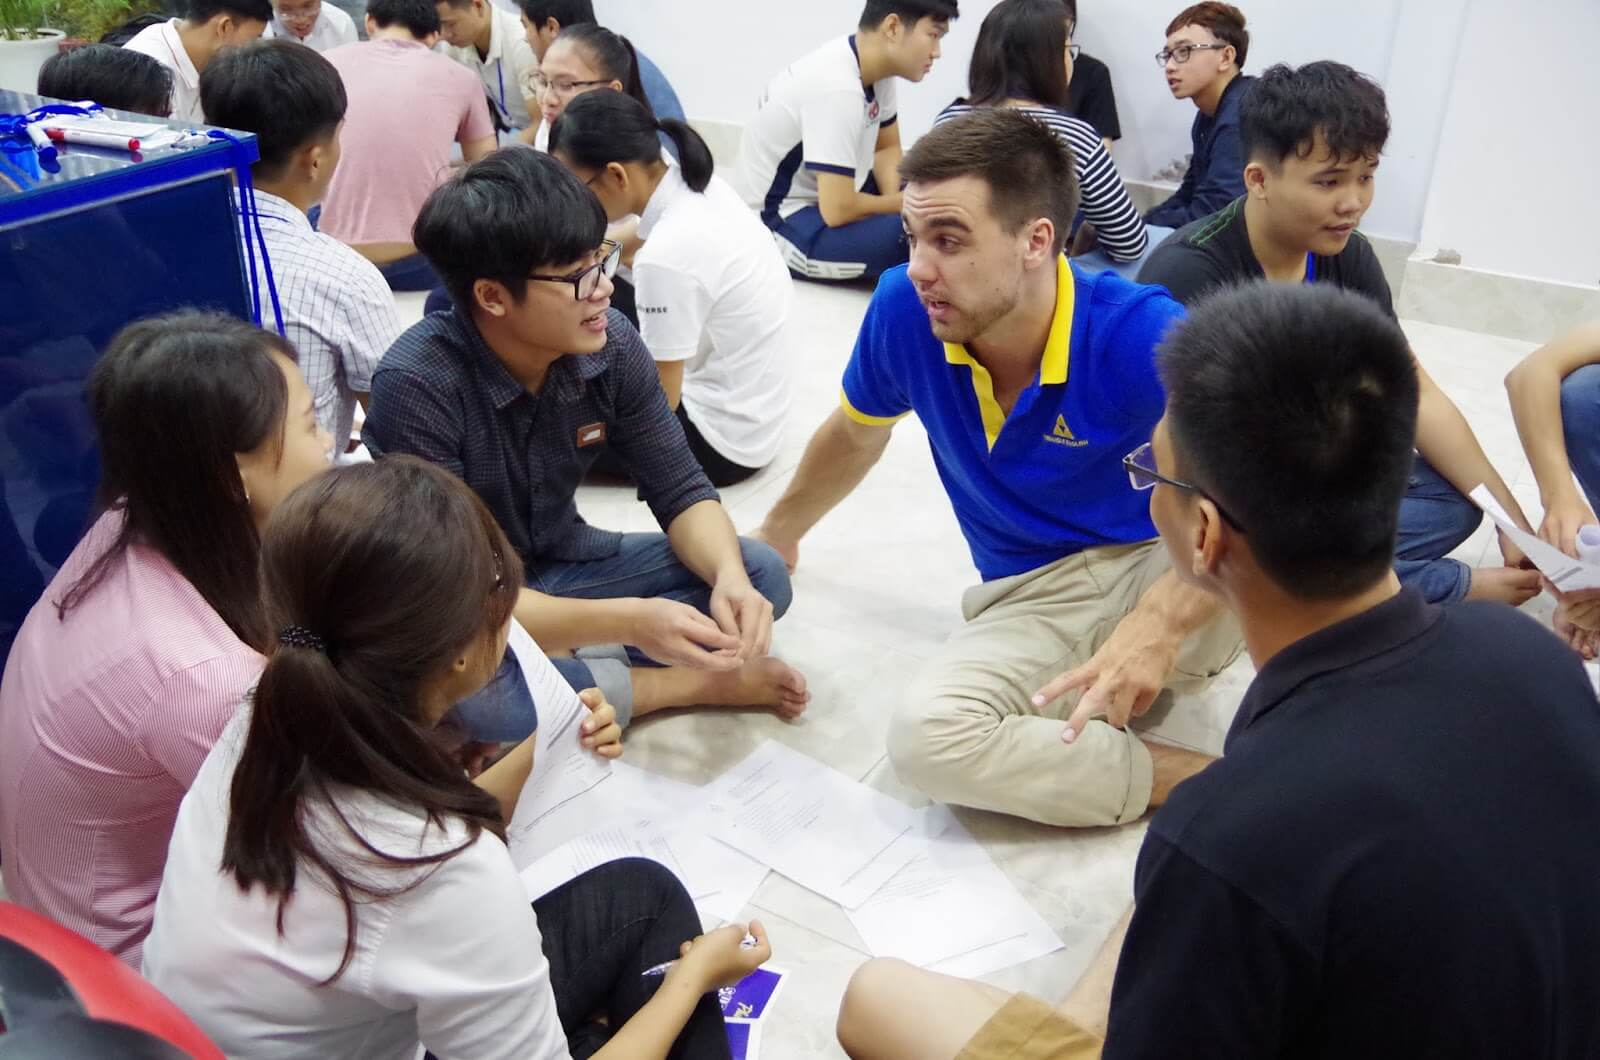 Tham gia CLB tiếng Anh sẽ cải thiện được mối quan hệ xã hội tốt hơn.